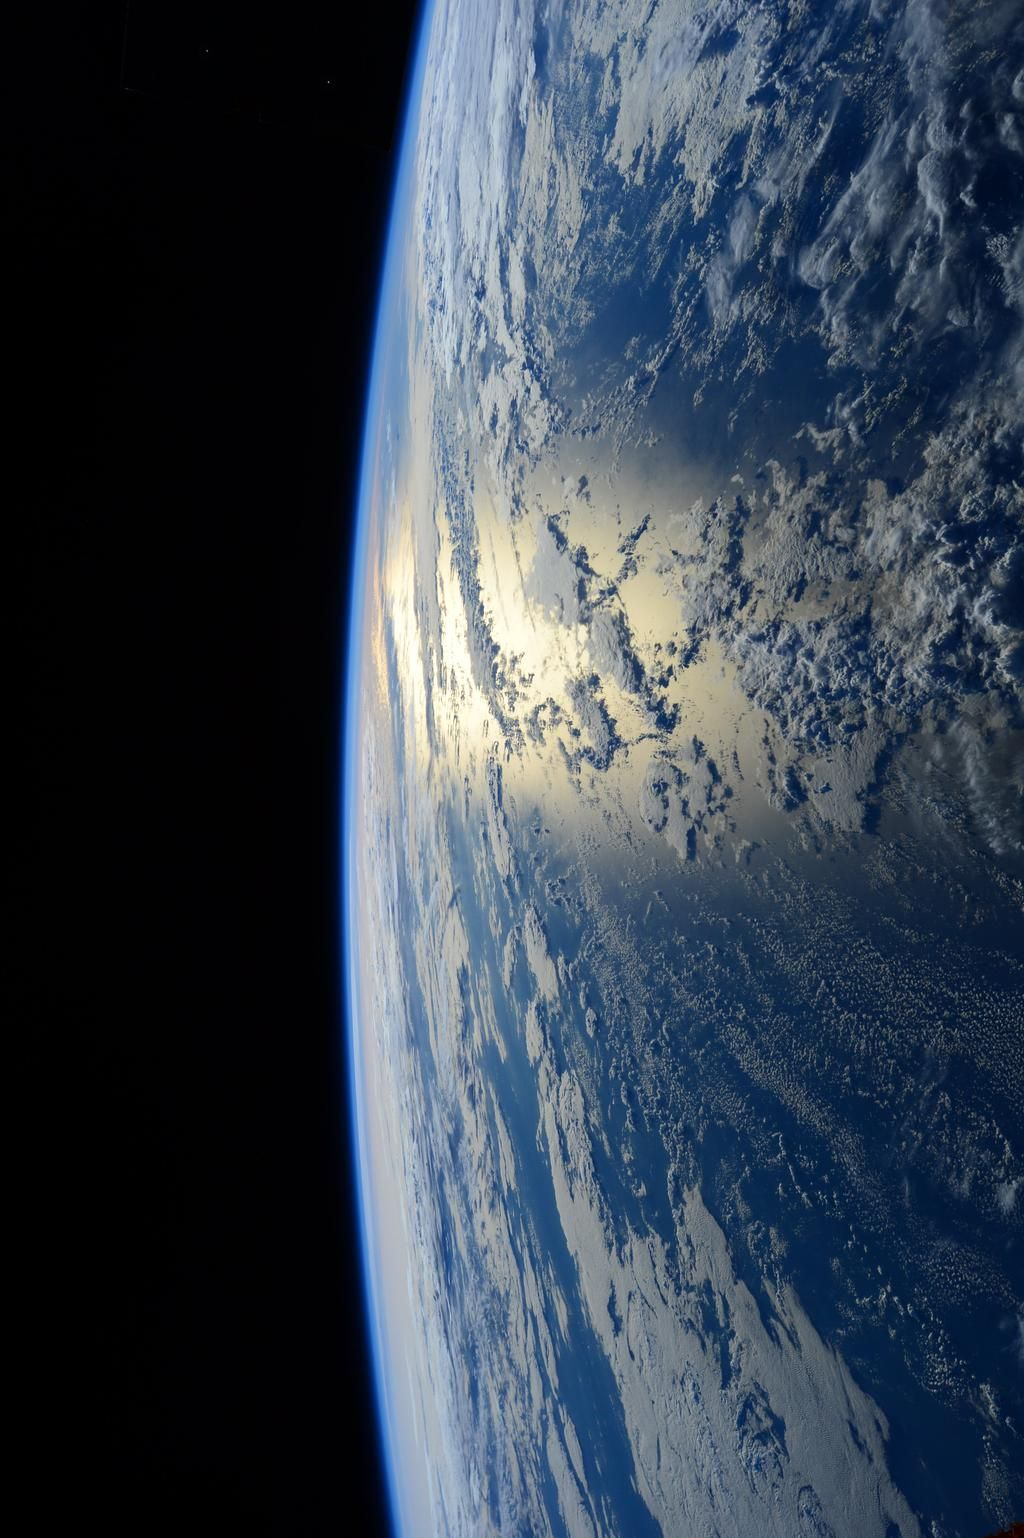 Sam Cristoforetti @AstroSamantha Good night from #space. Buona notte dallo spazio.